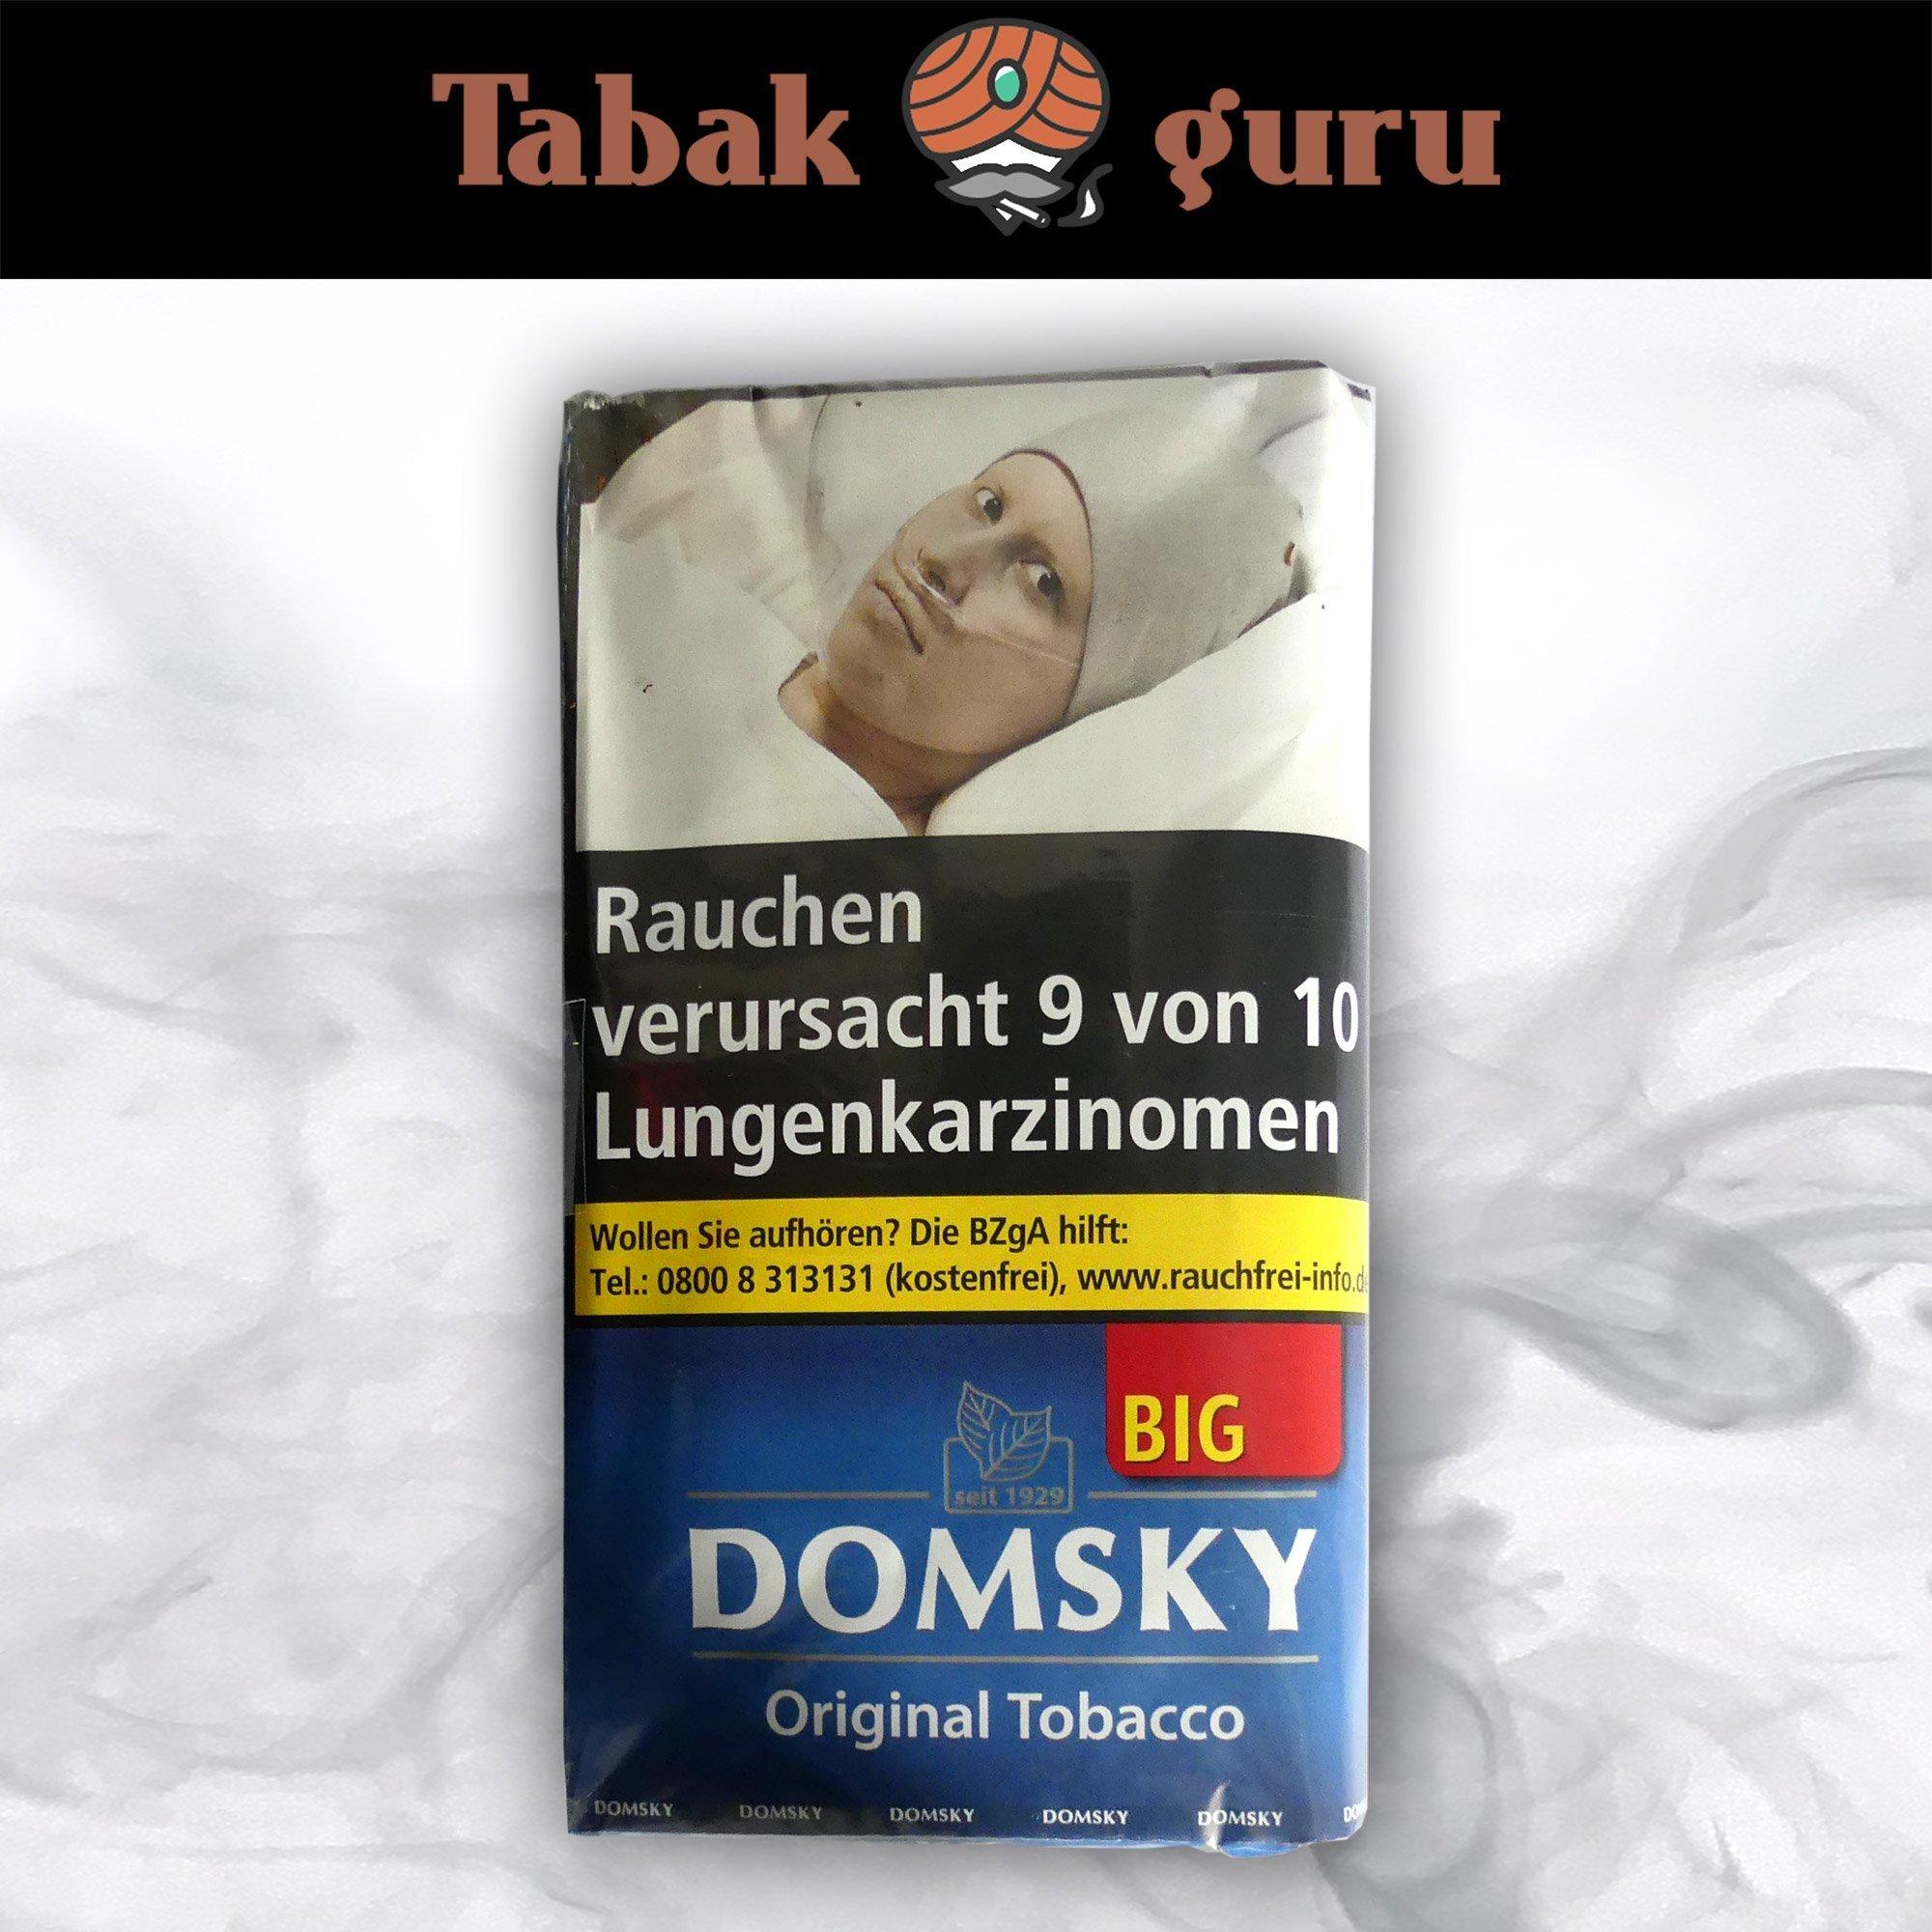 DOMSKY Original Tobacco Drehtabak BIG 50 g